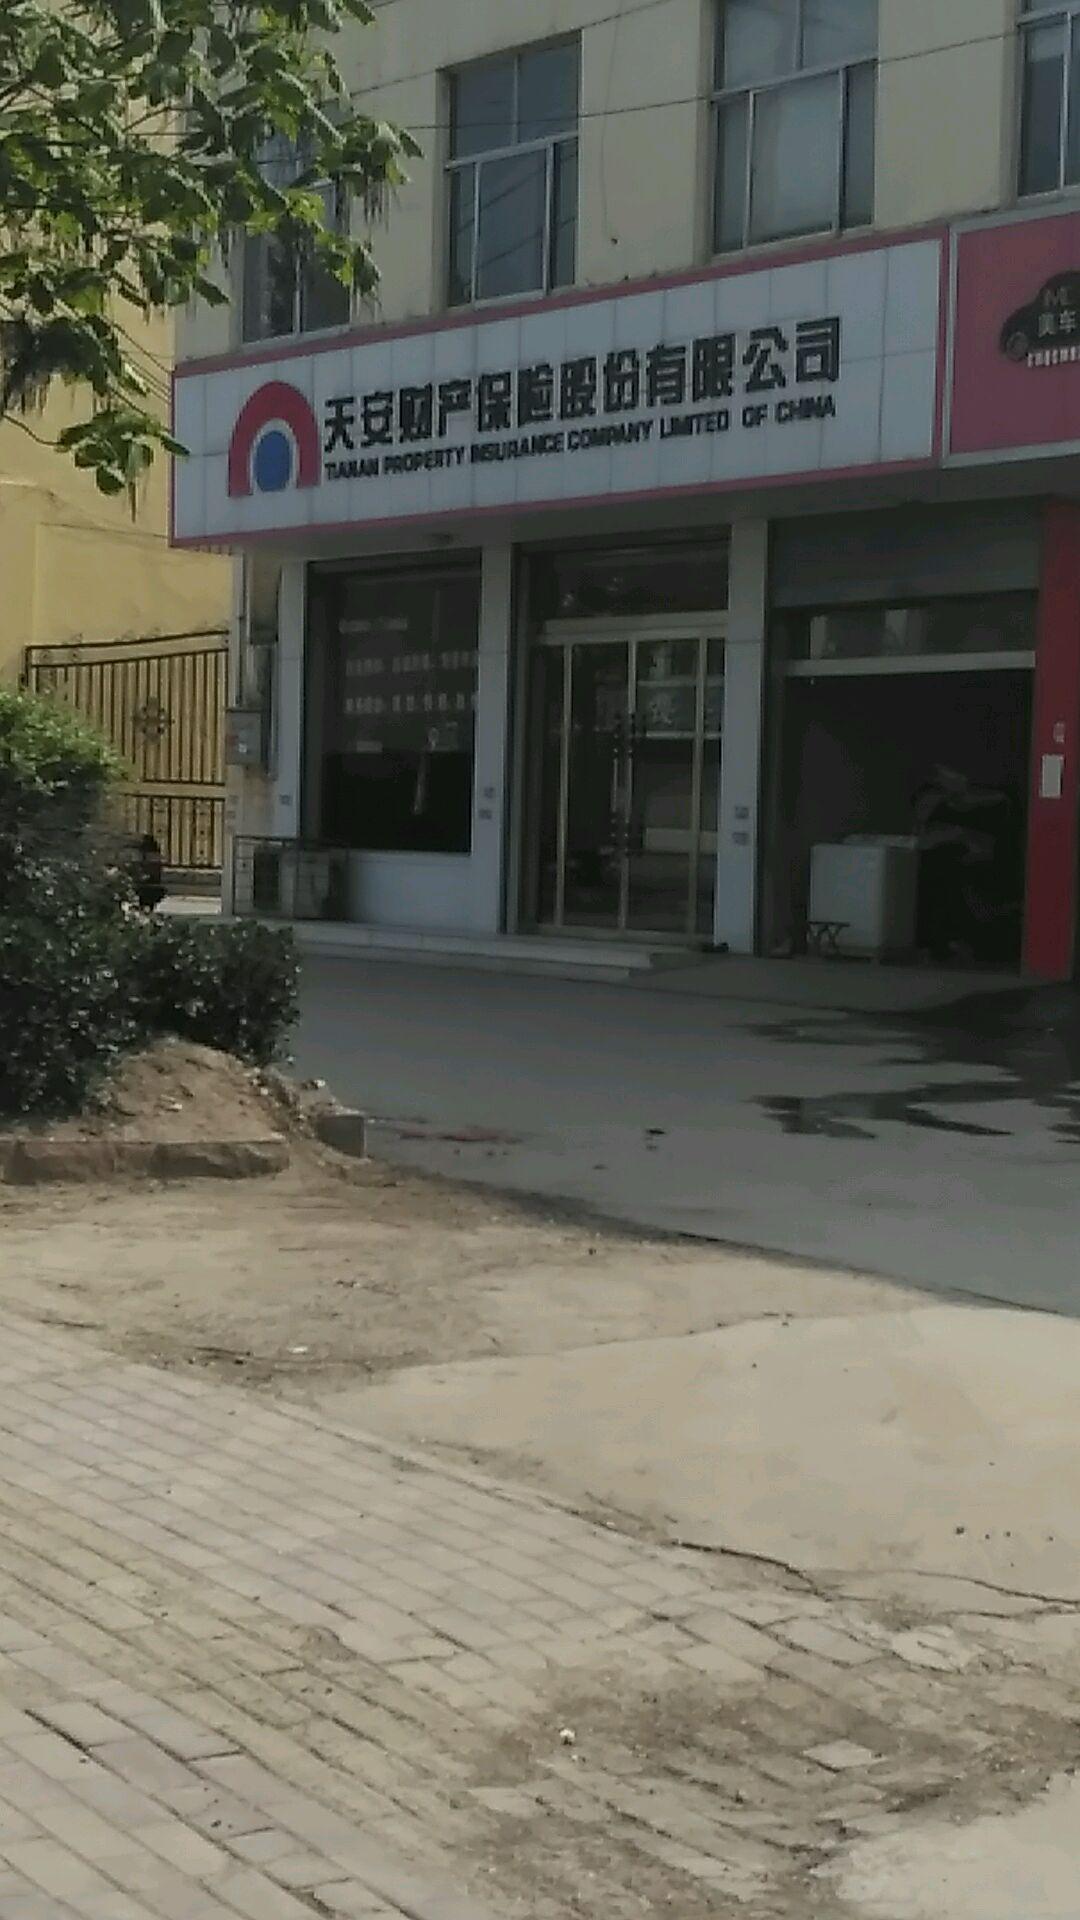 天安保险(山城街道办事处计划生育办公室北)